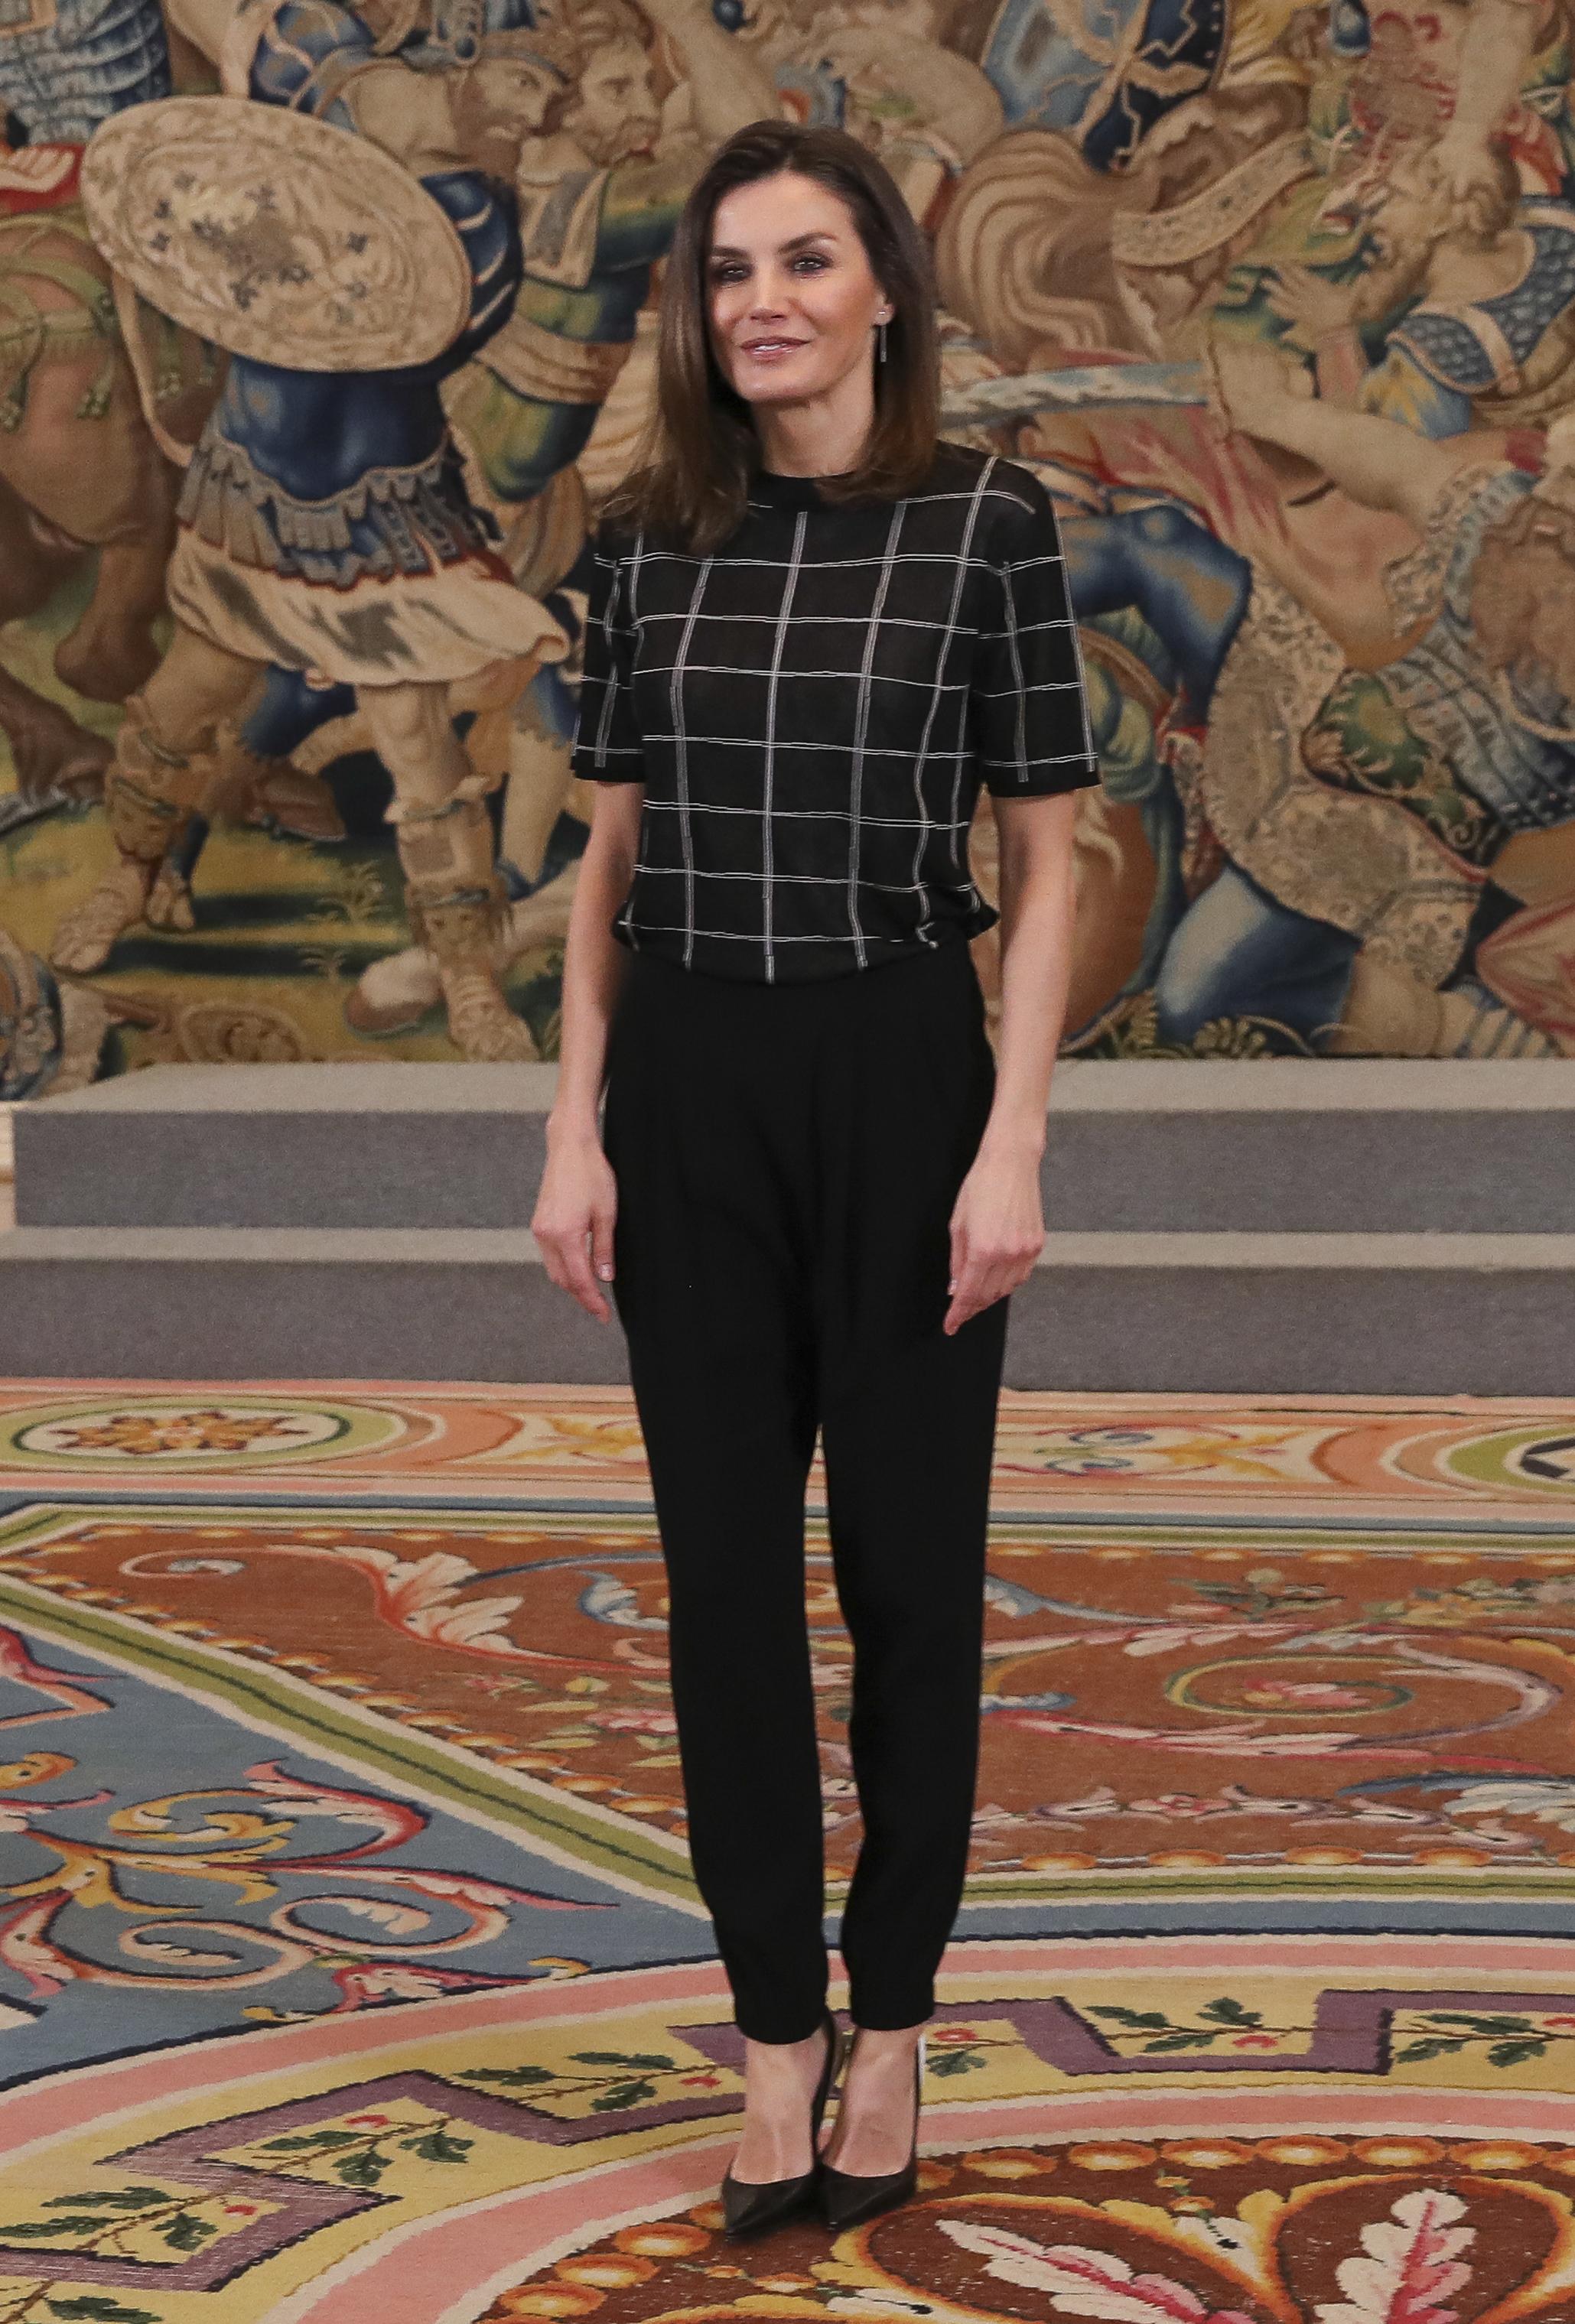 La reina Letizia en la recepción en honor al Club de Balonmano La Calzada Mavi de Gijón / Gtresonline